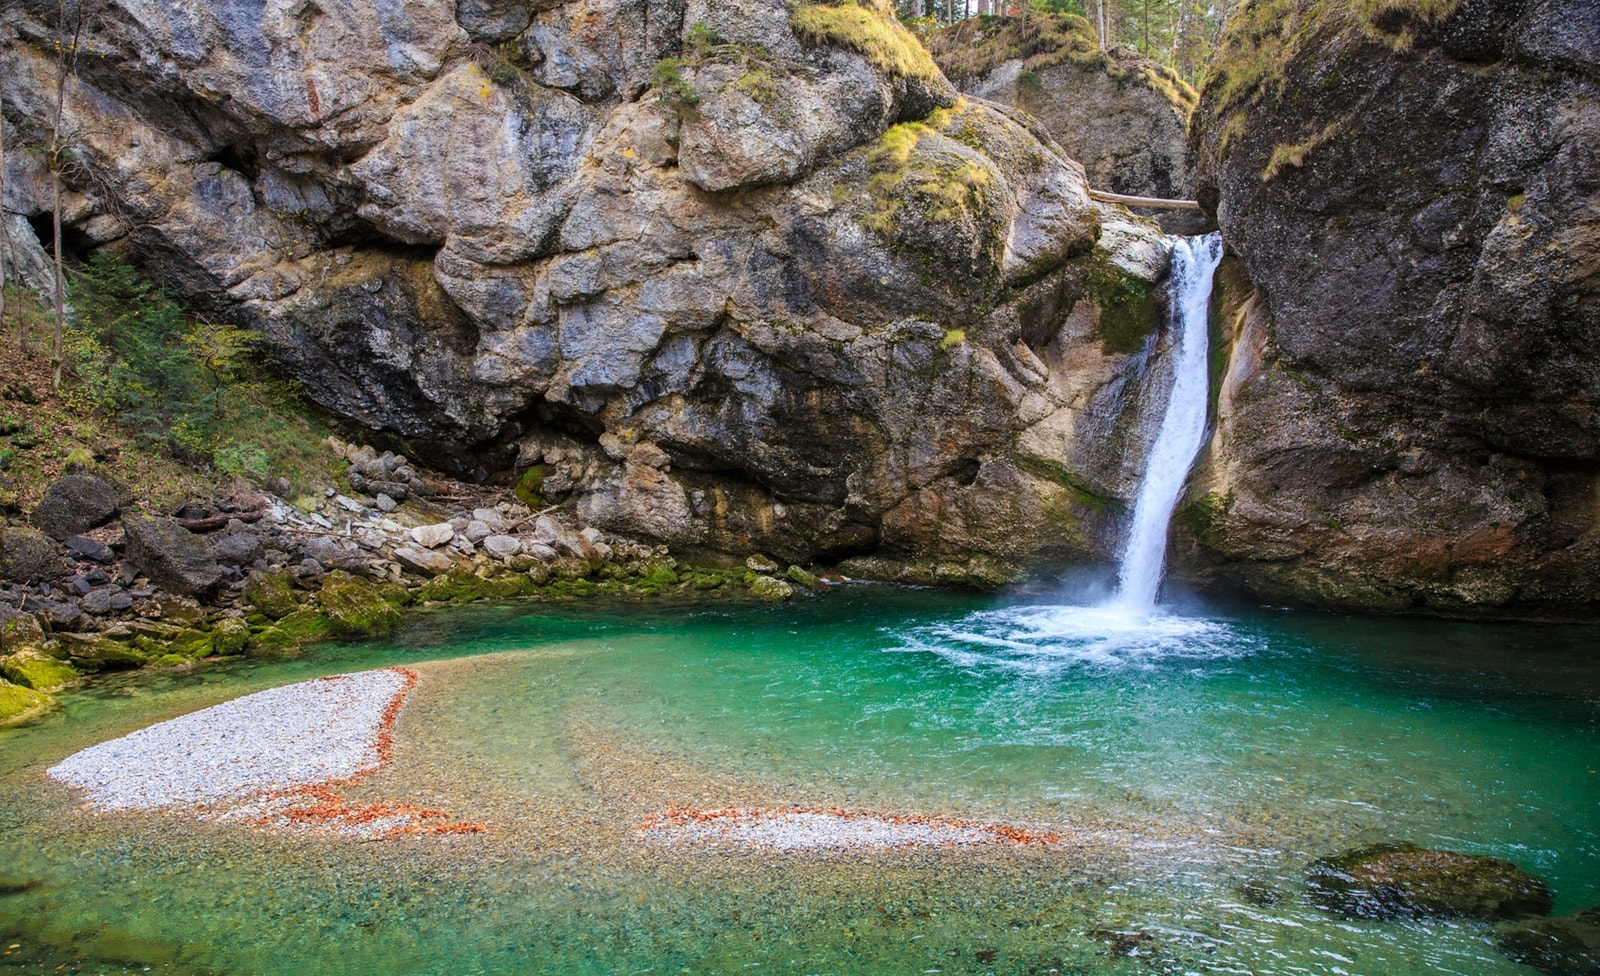 Wasserfall zum Gumpenspringen in Bayern